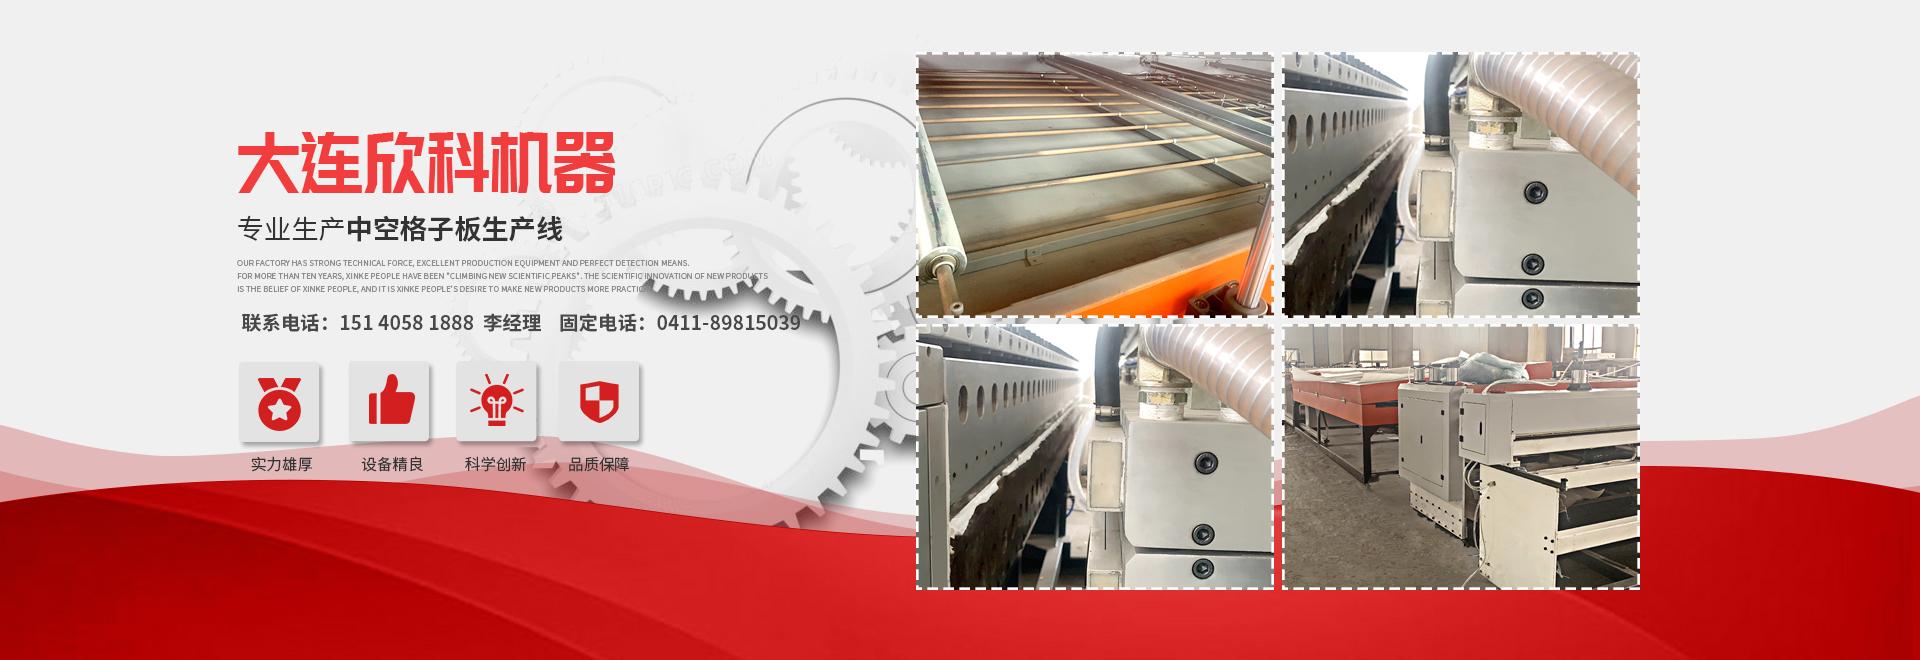 中空格子板生产线